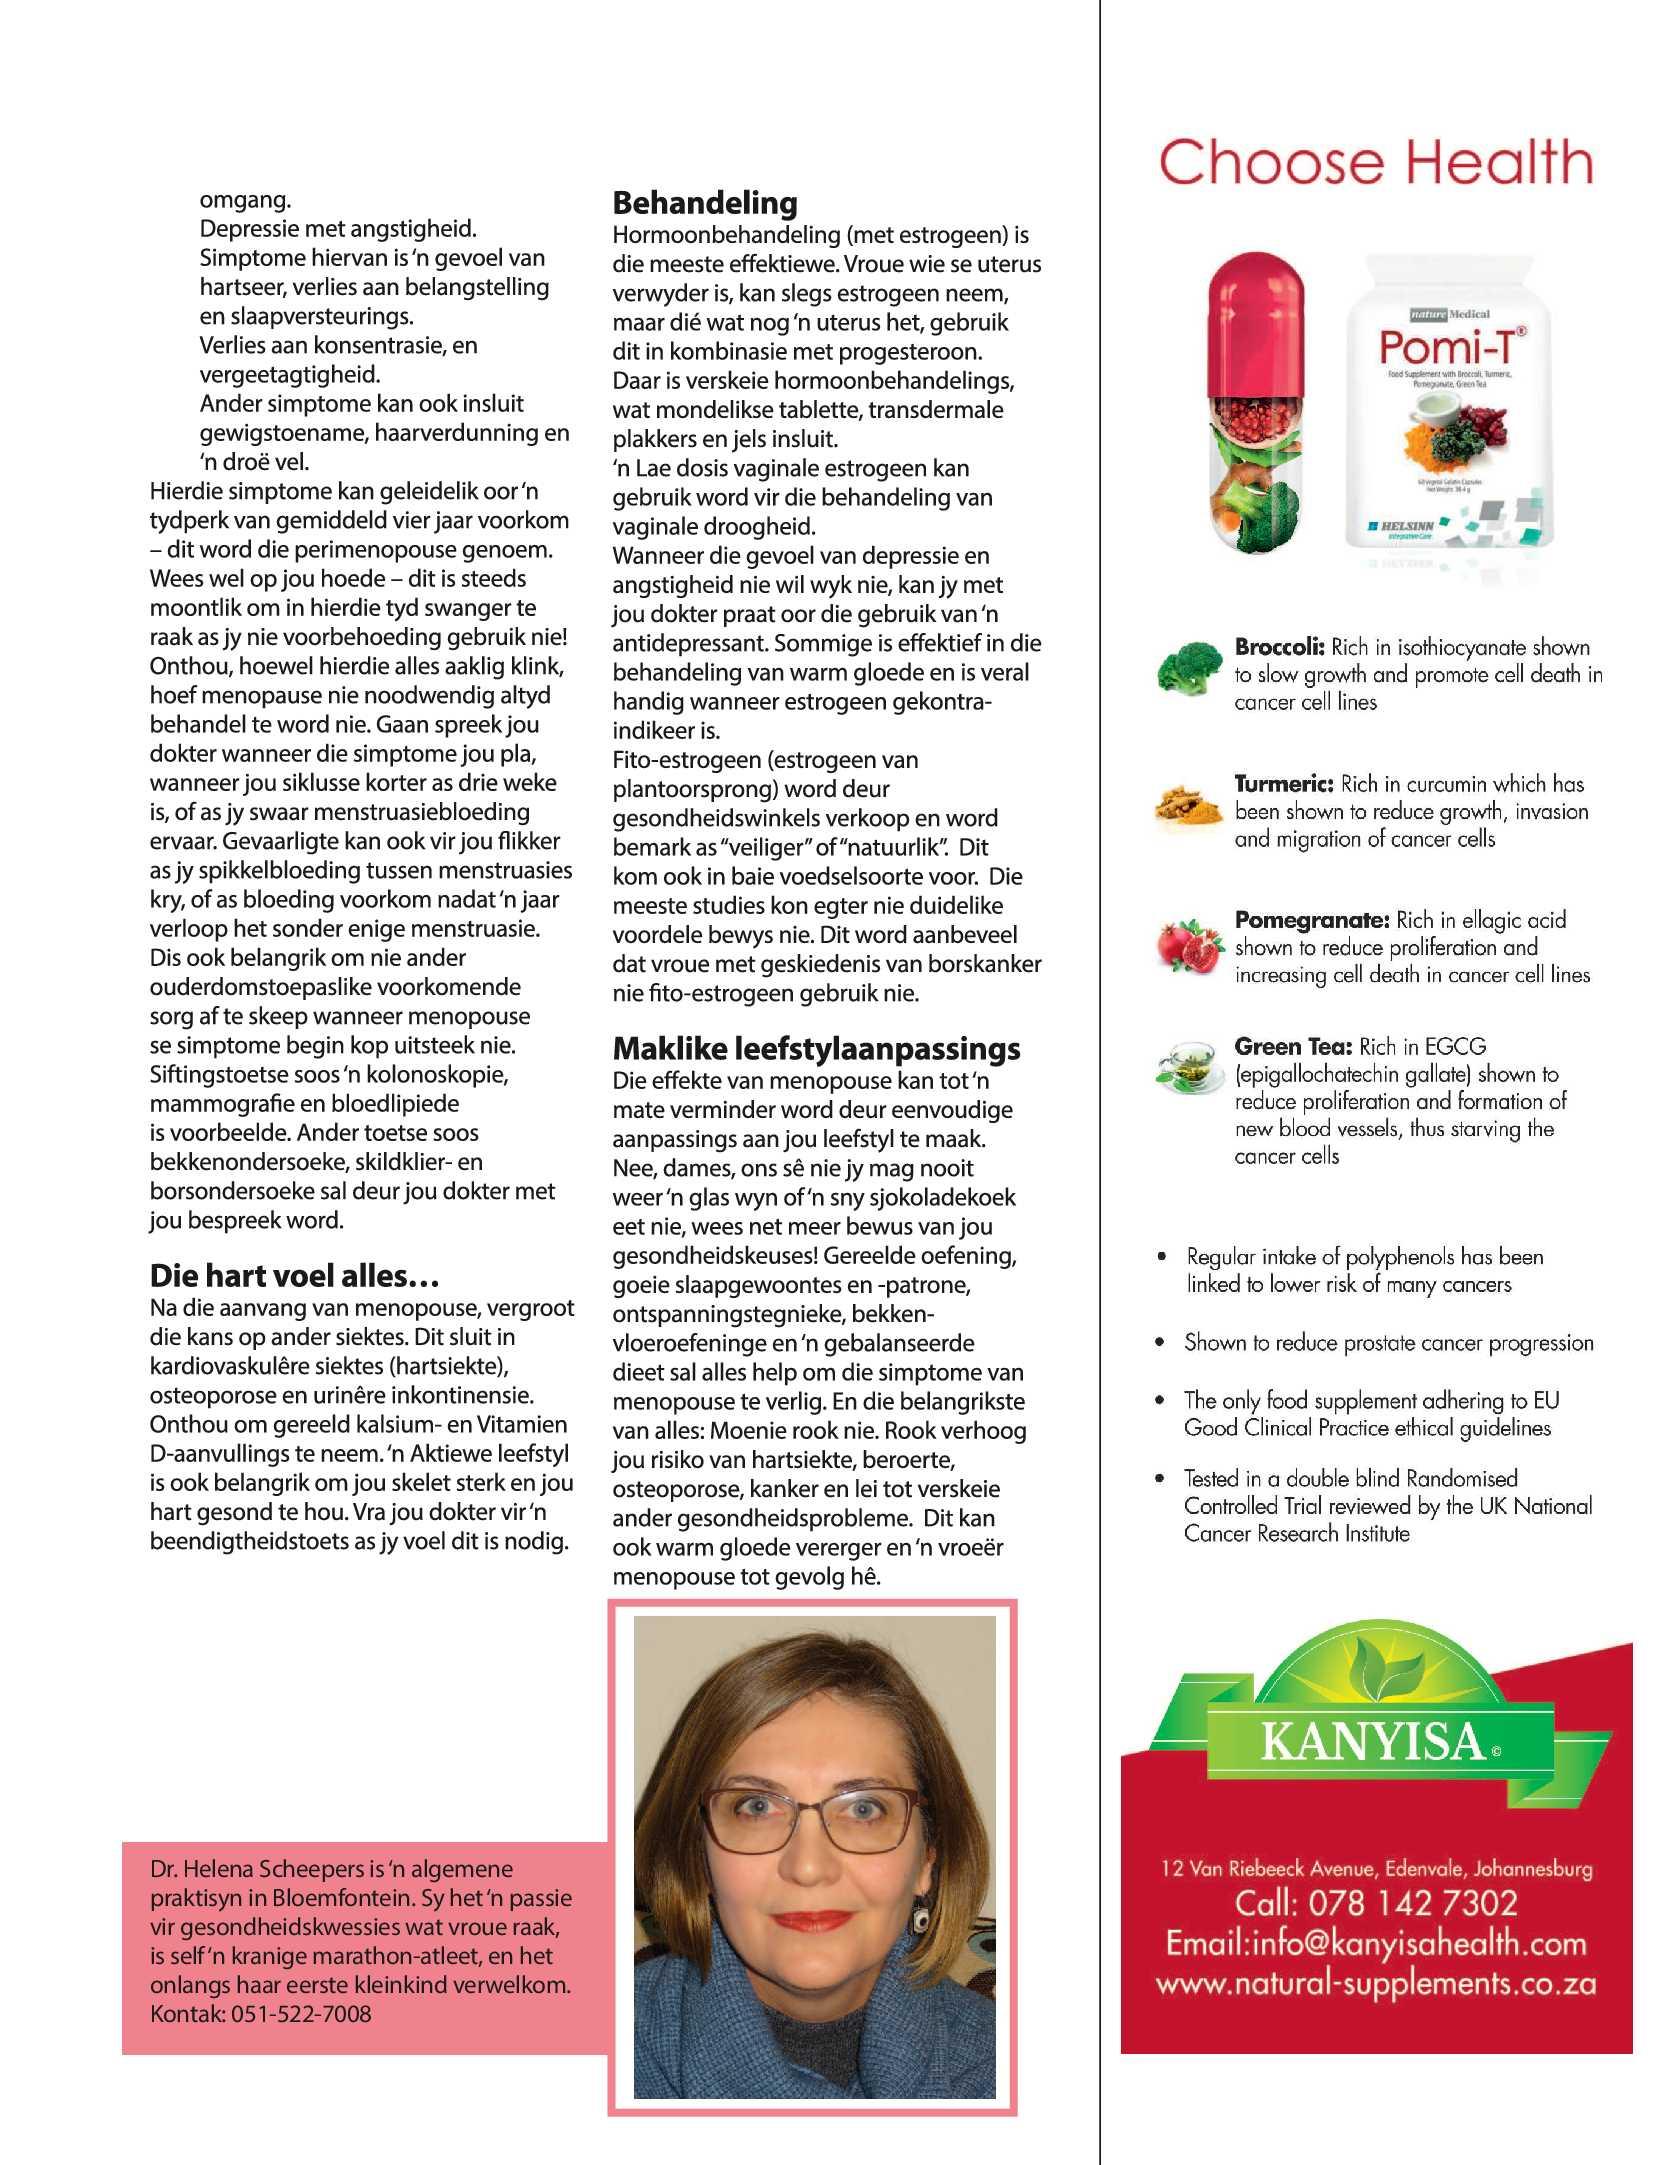 get-bloemfontein-august-2018-epapers-page-27